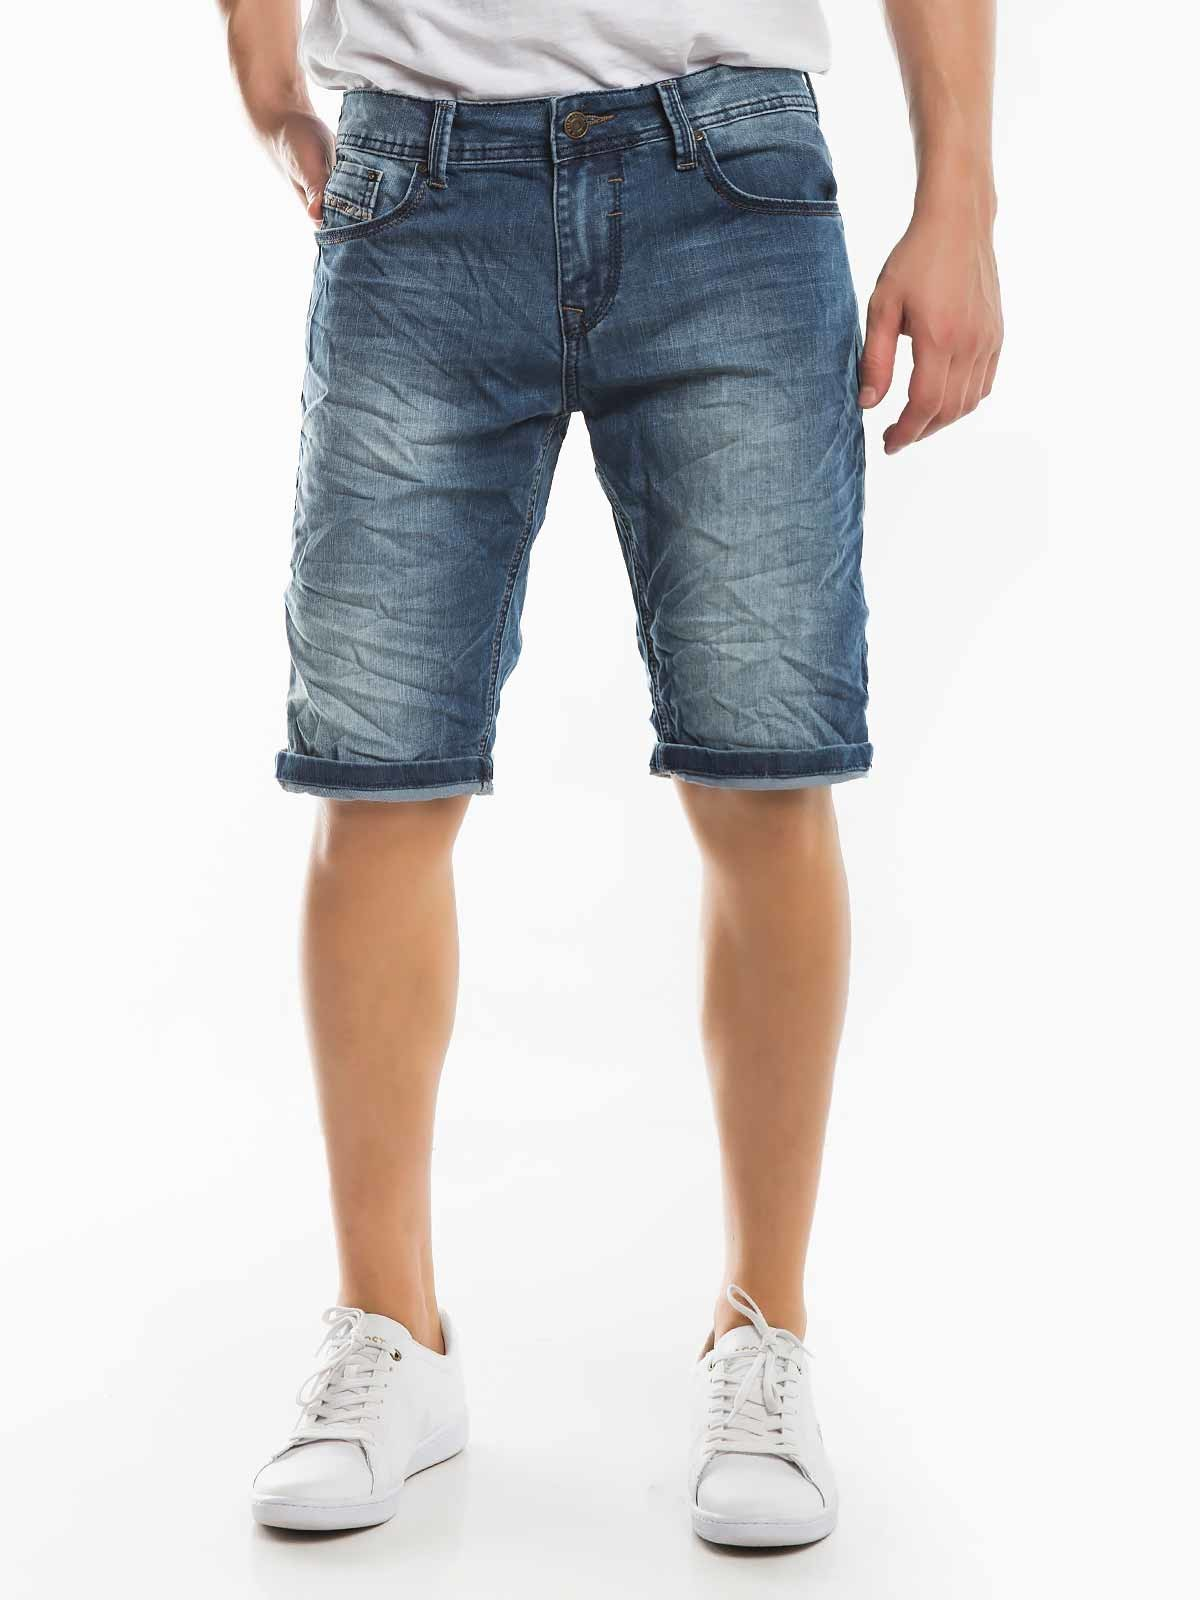 Shorts de mezclilla envueltos